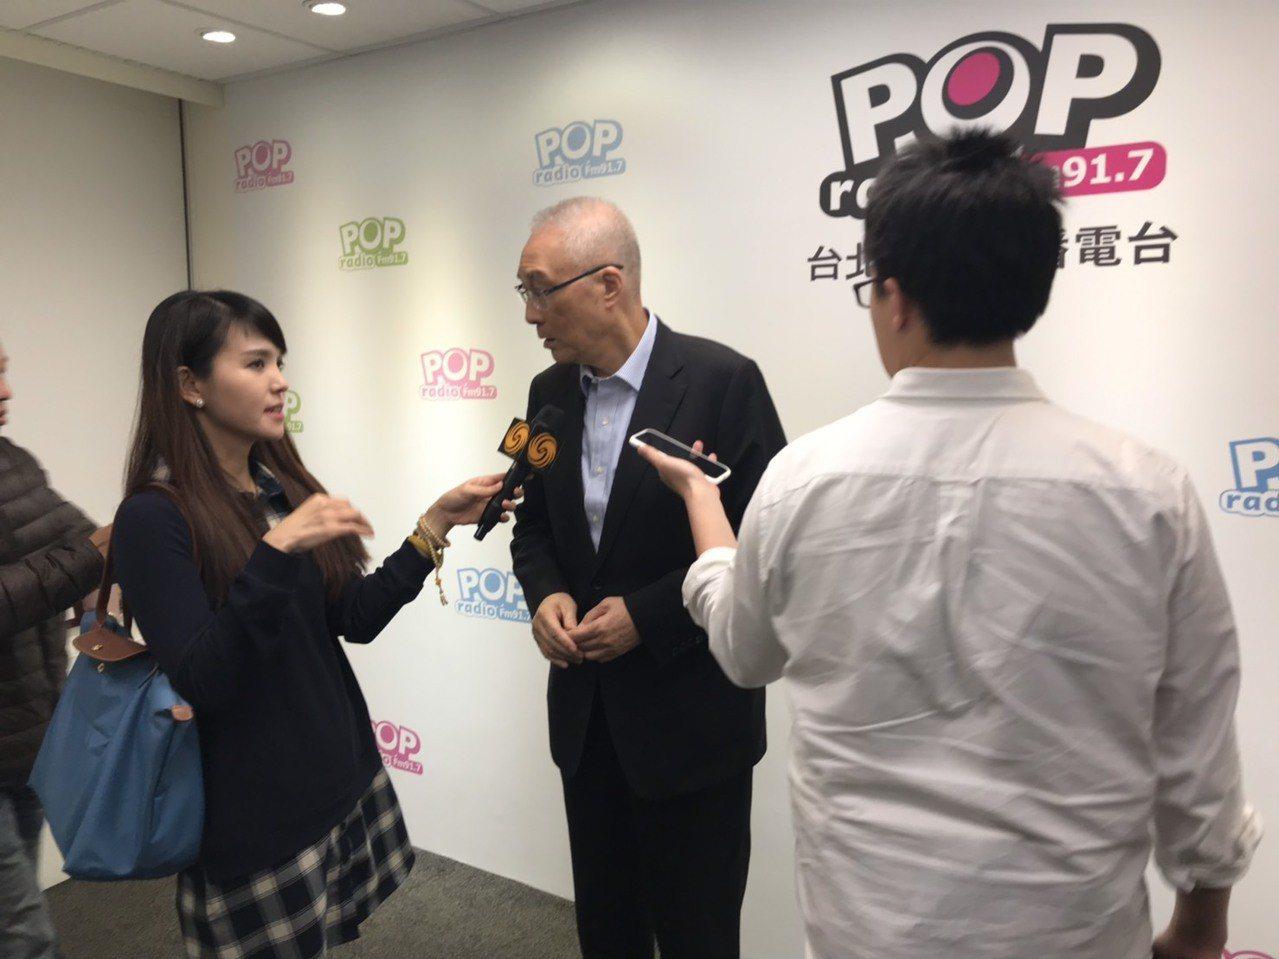 國民黨主席吳敦義今天傍晚接受廣播節目專訪。圖╱國民黨提供